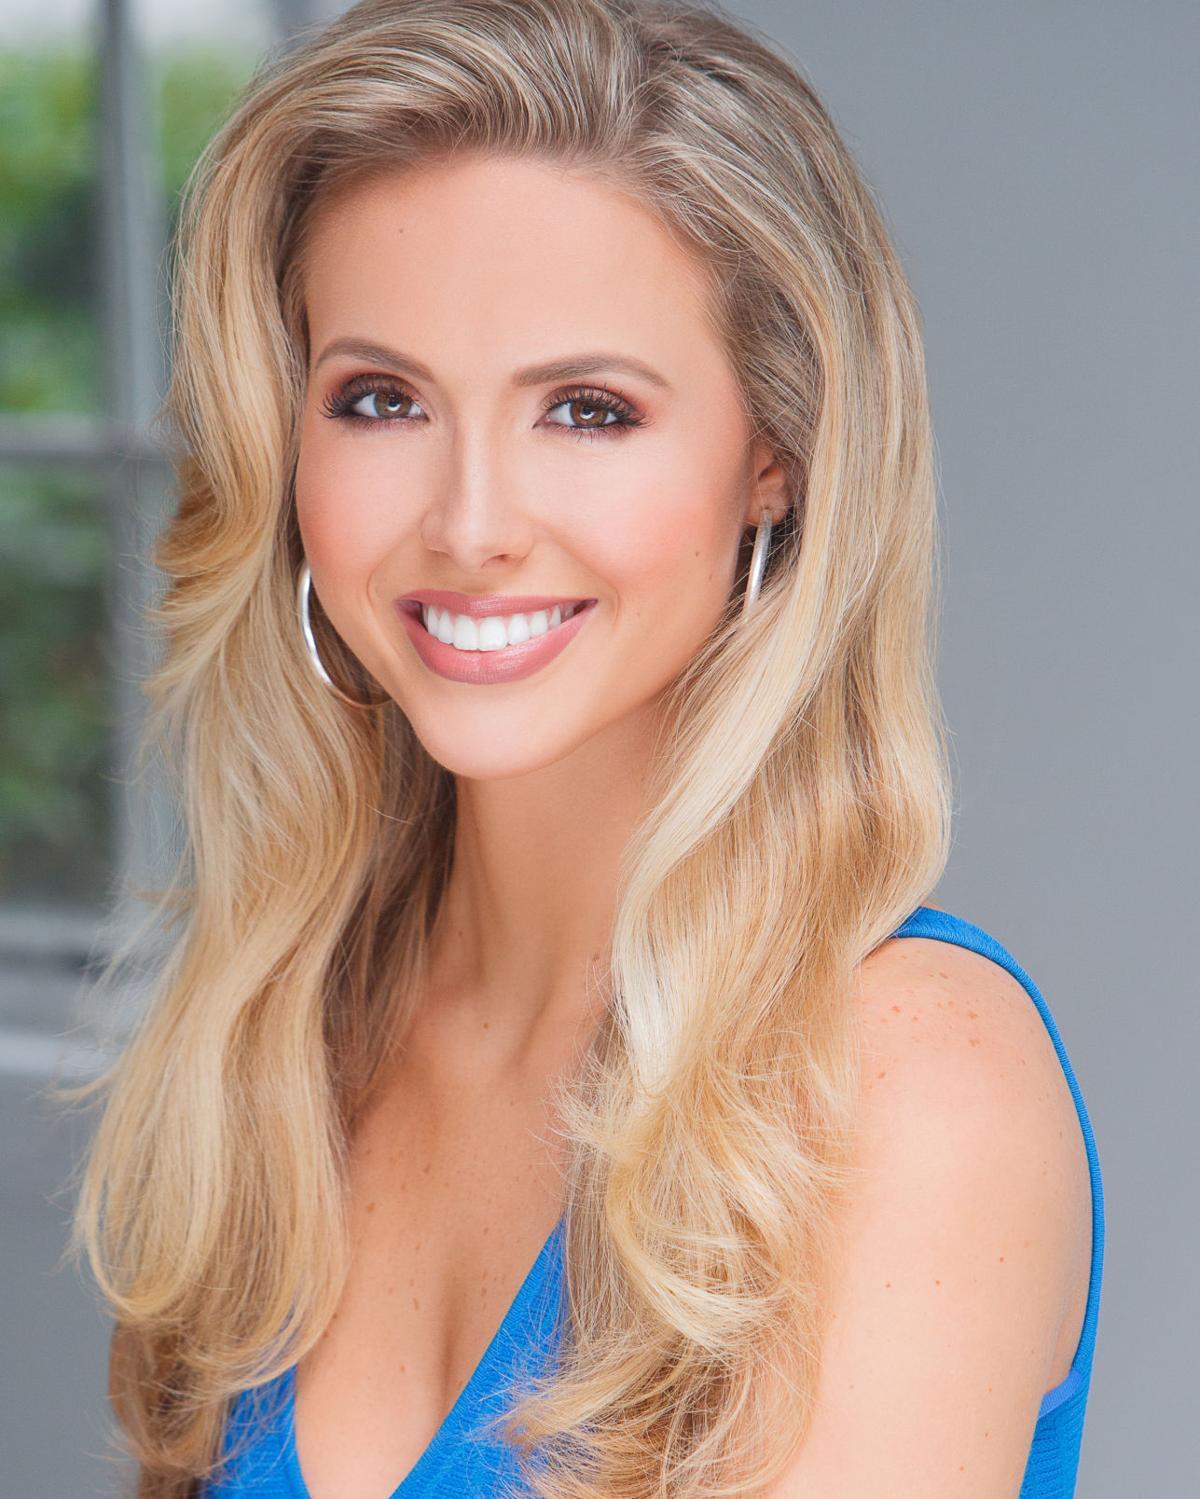 Miss Alabama 2017: Jessica Procter